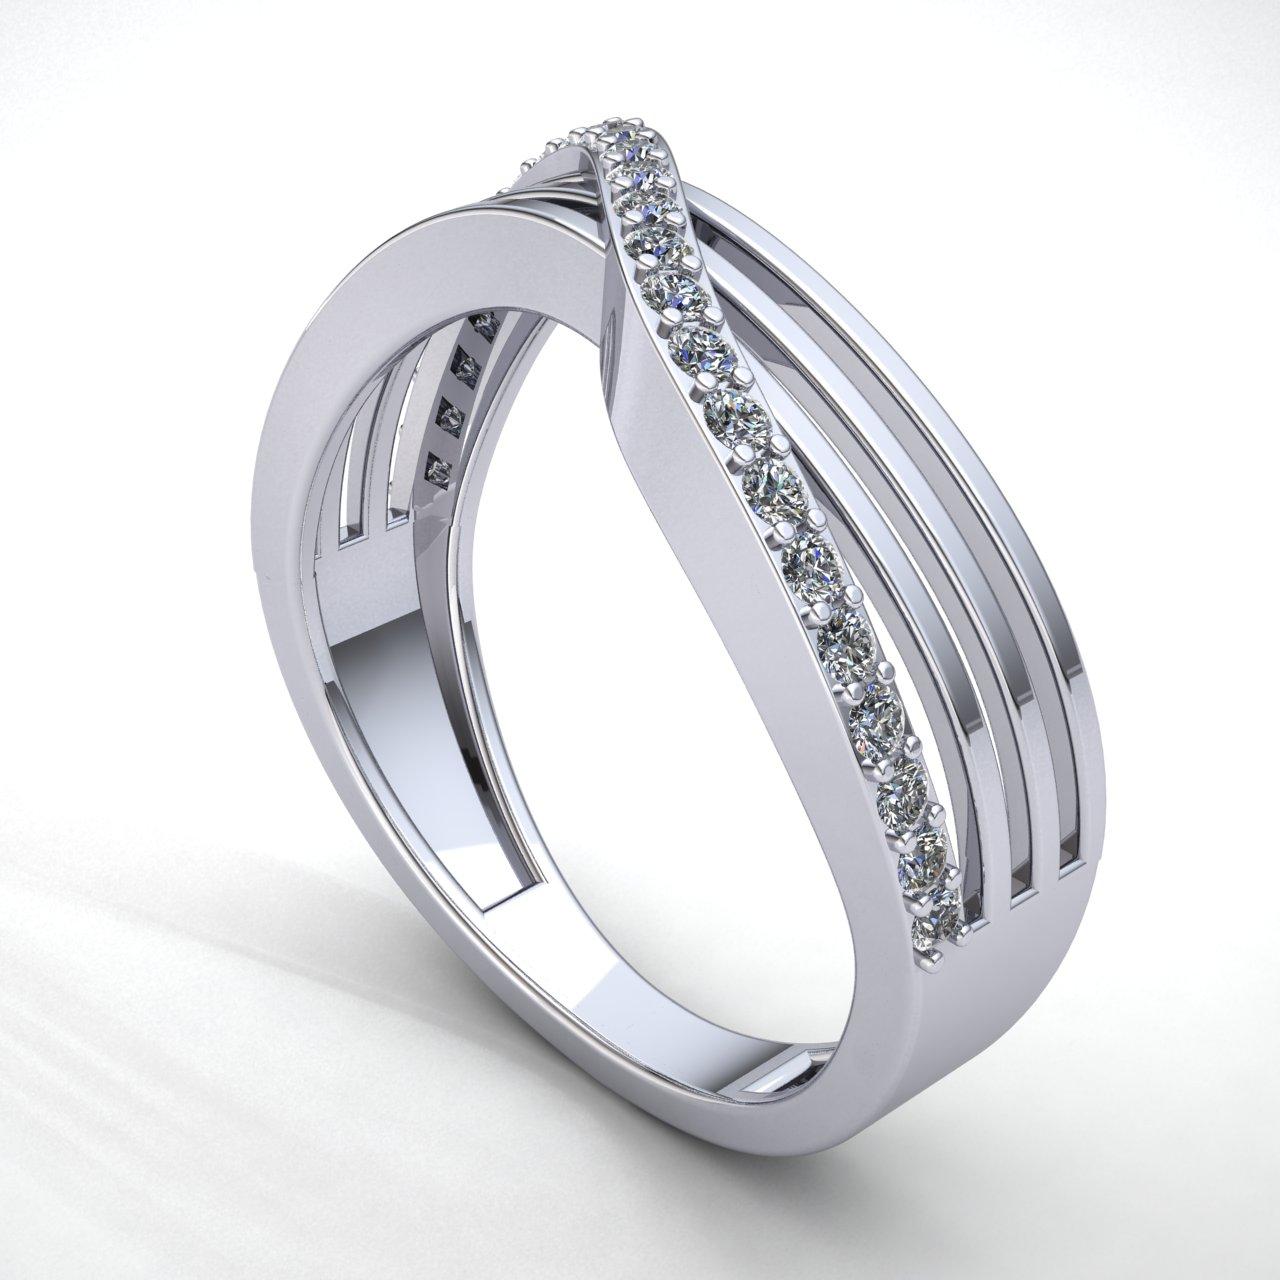 0-75-Ct-Diamante-Talla-Redonda-Mujer-Cruzado-Aniversario-Alianza-18Ct-Oro miniatura 10